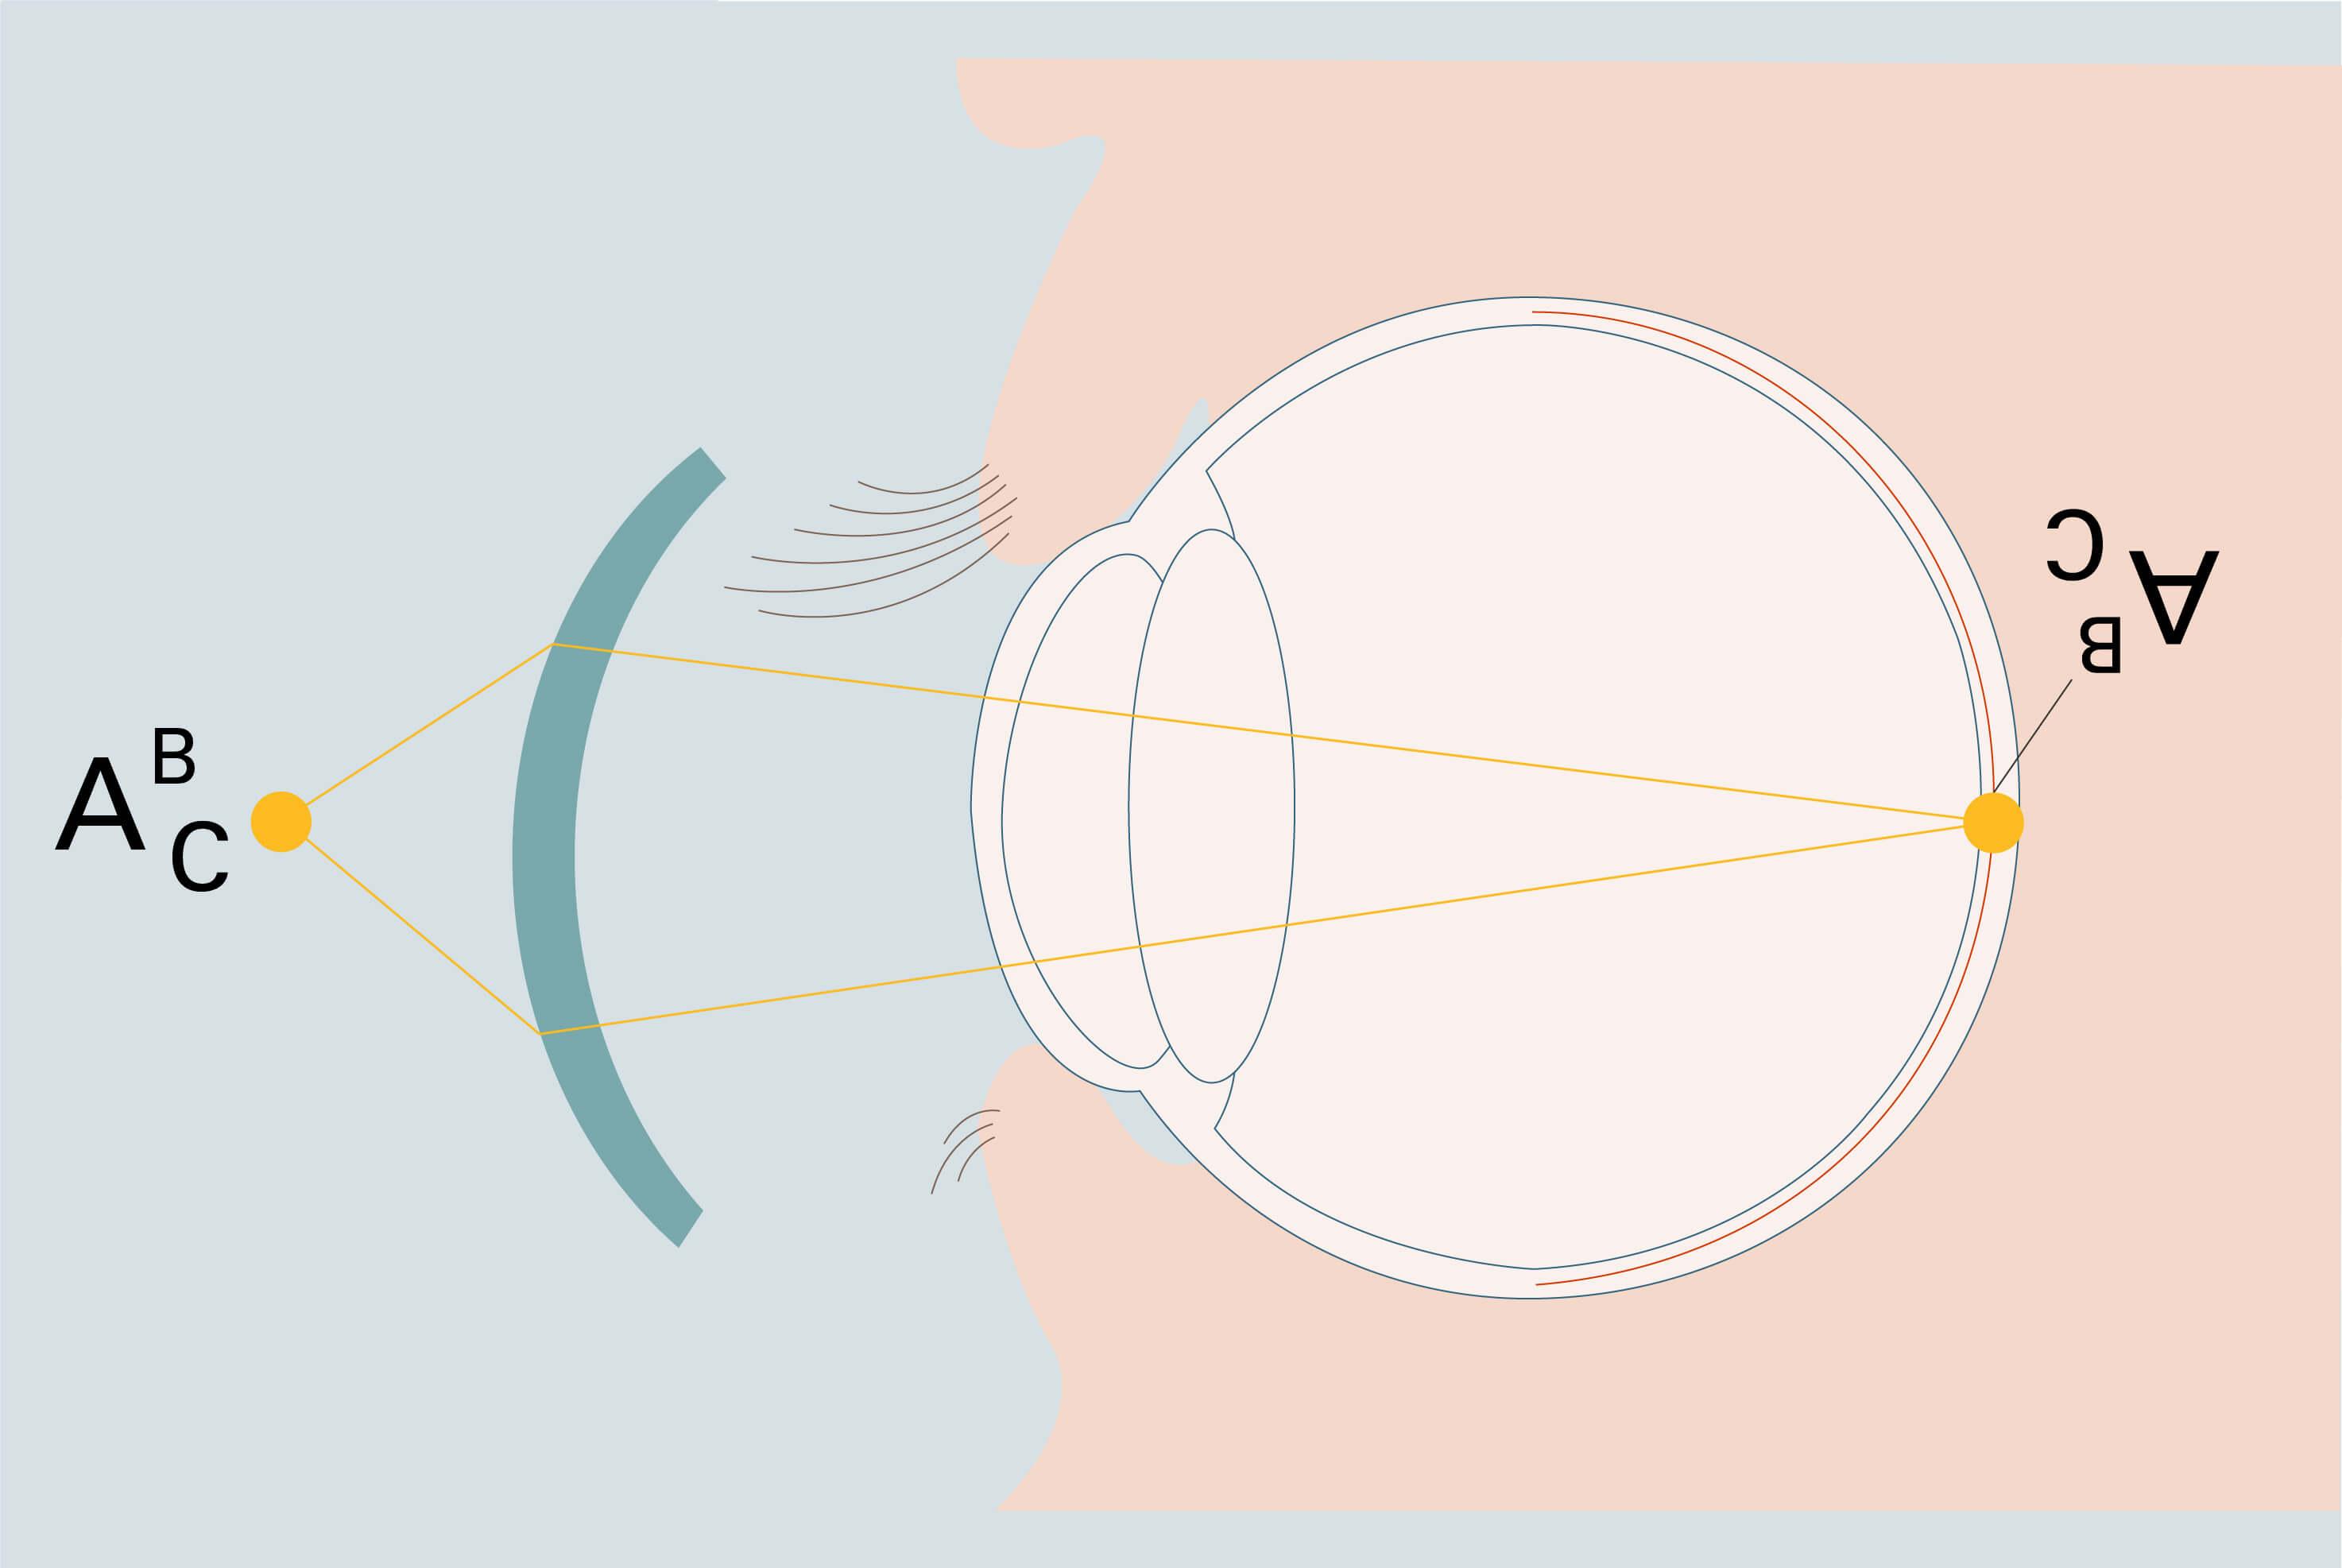 Querschnitt des Auges mit Brennpunkt auf der Netzhaut - Grafische Darstellung